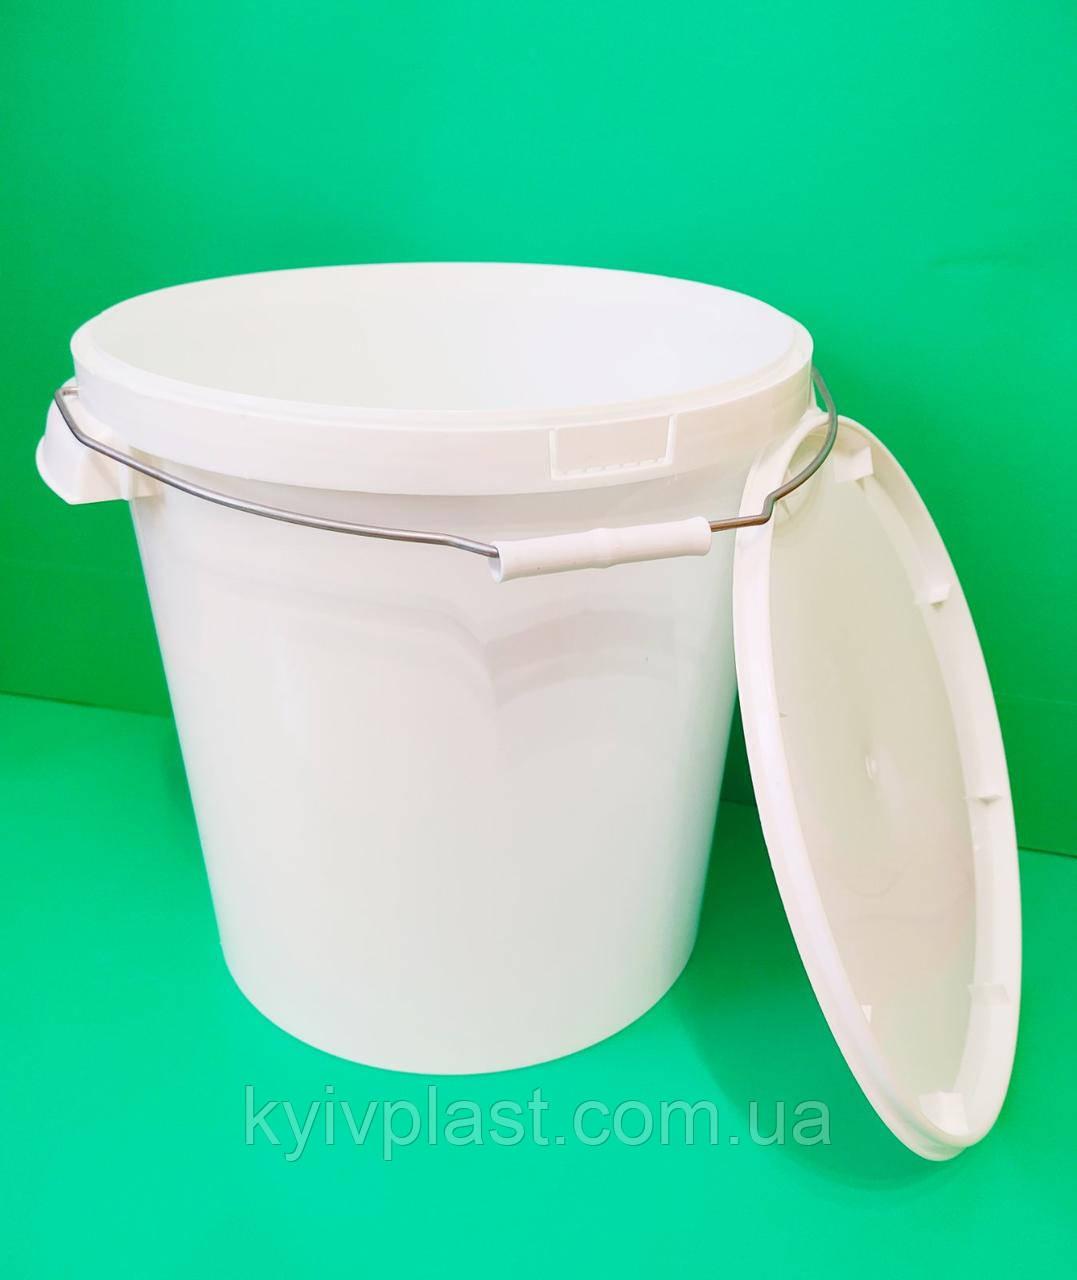 Відро пластикове 20 л харчове біле з металевою ручкою